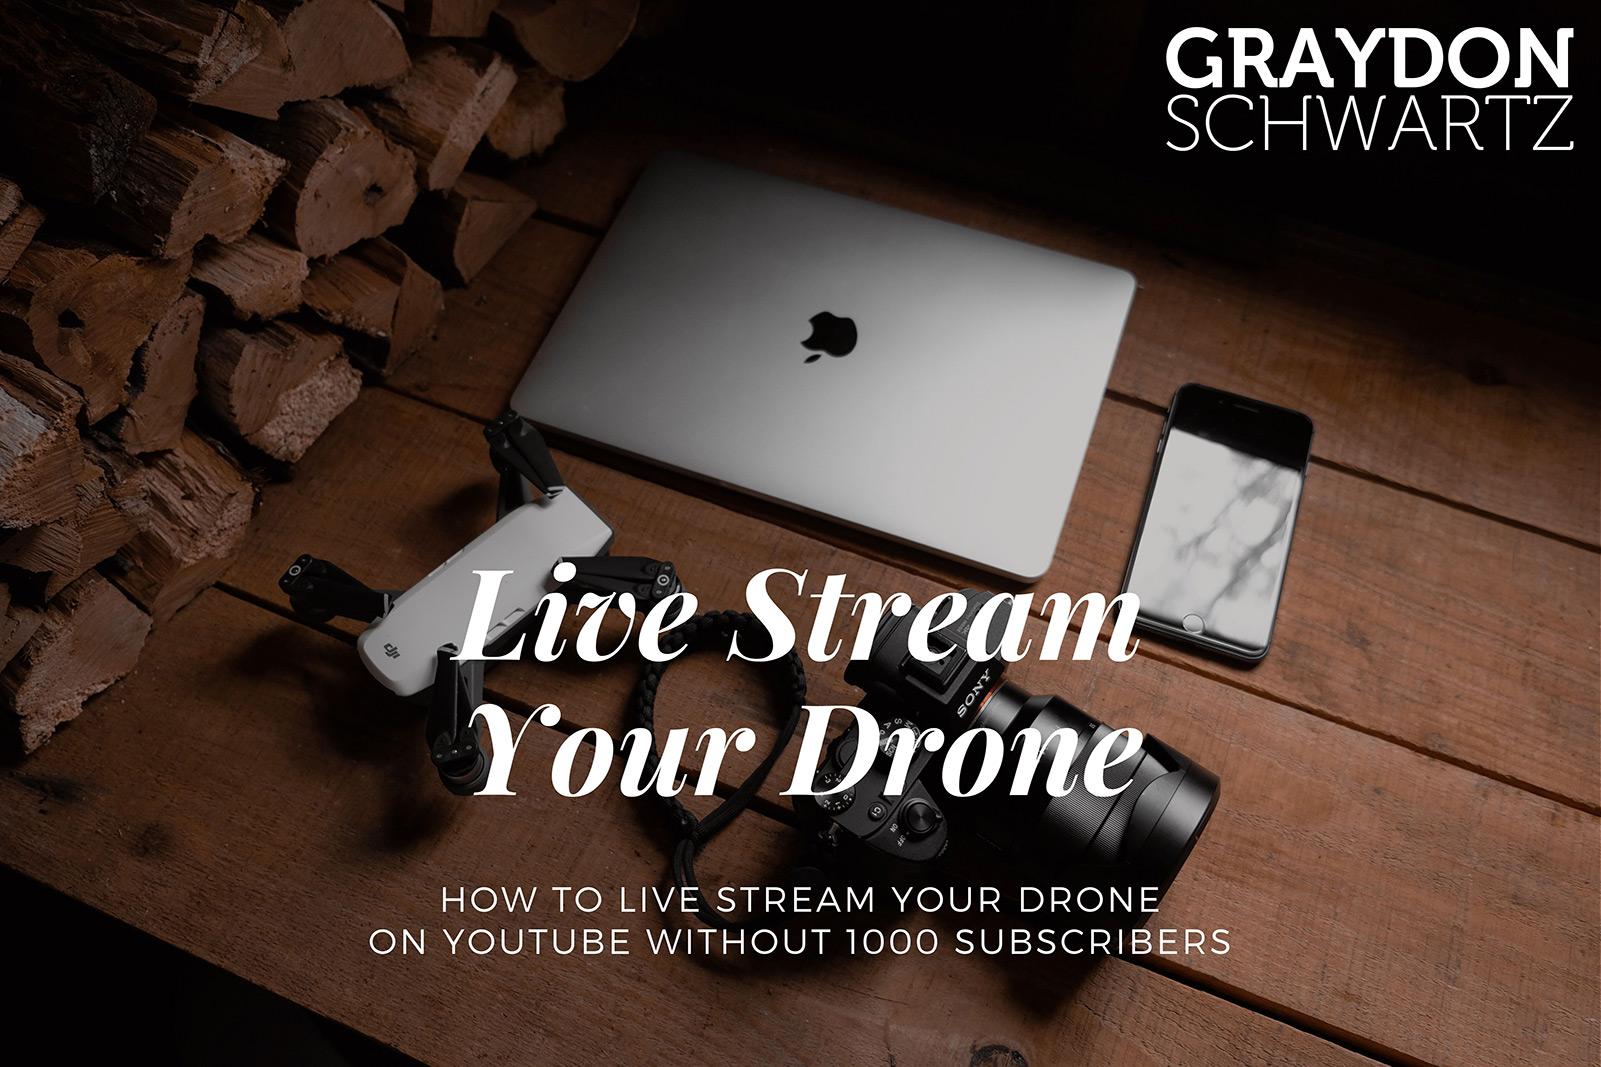 Cómo transmitir en directo tu dron en YouTube sin tener 1000 suscriptores